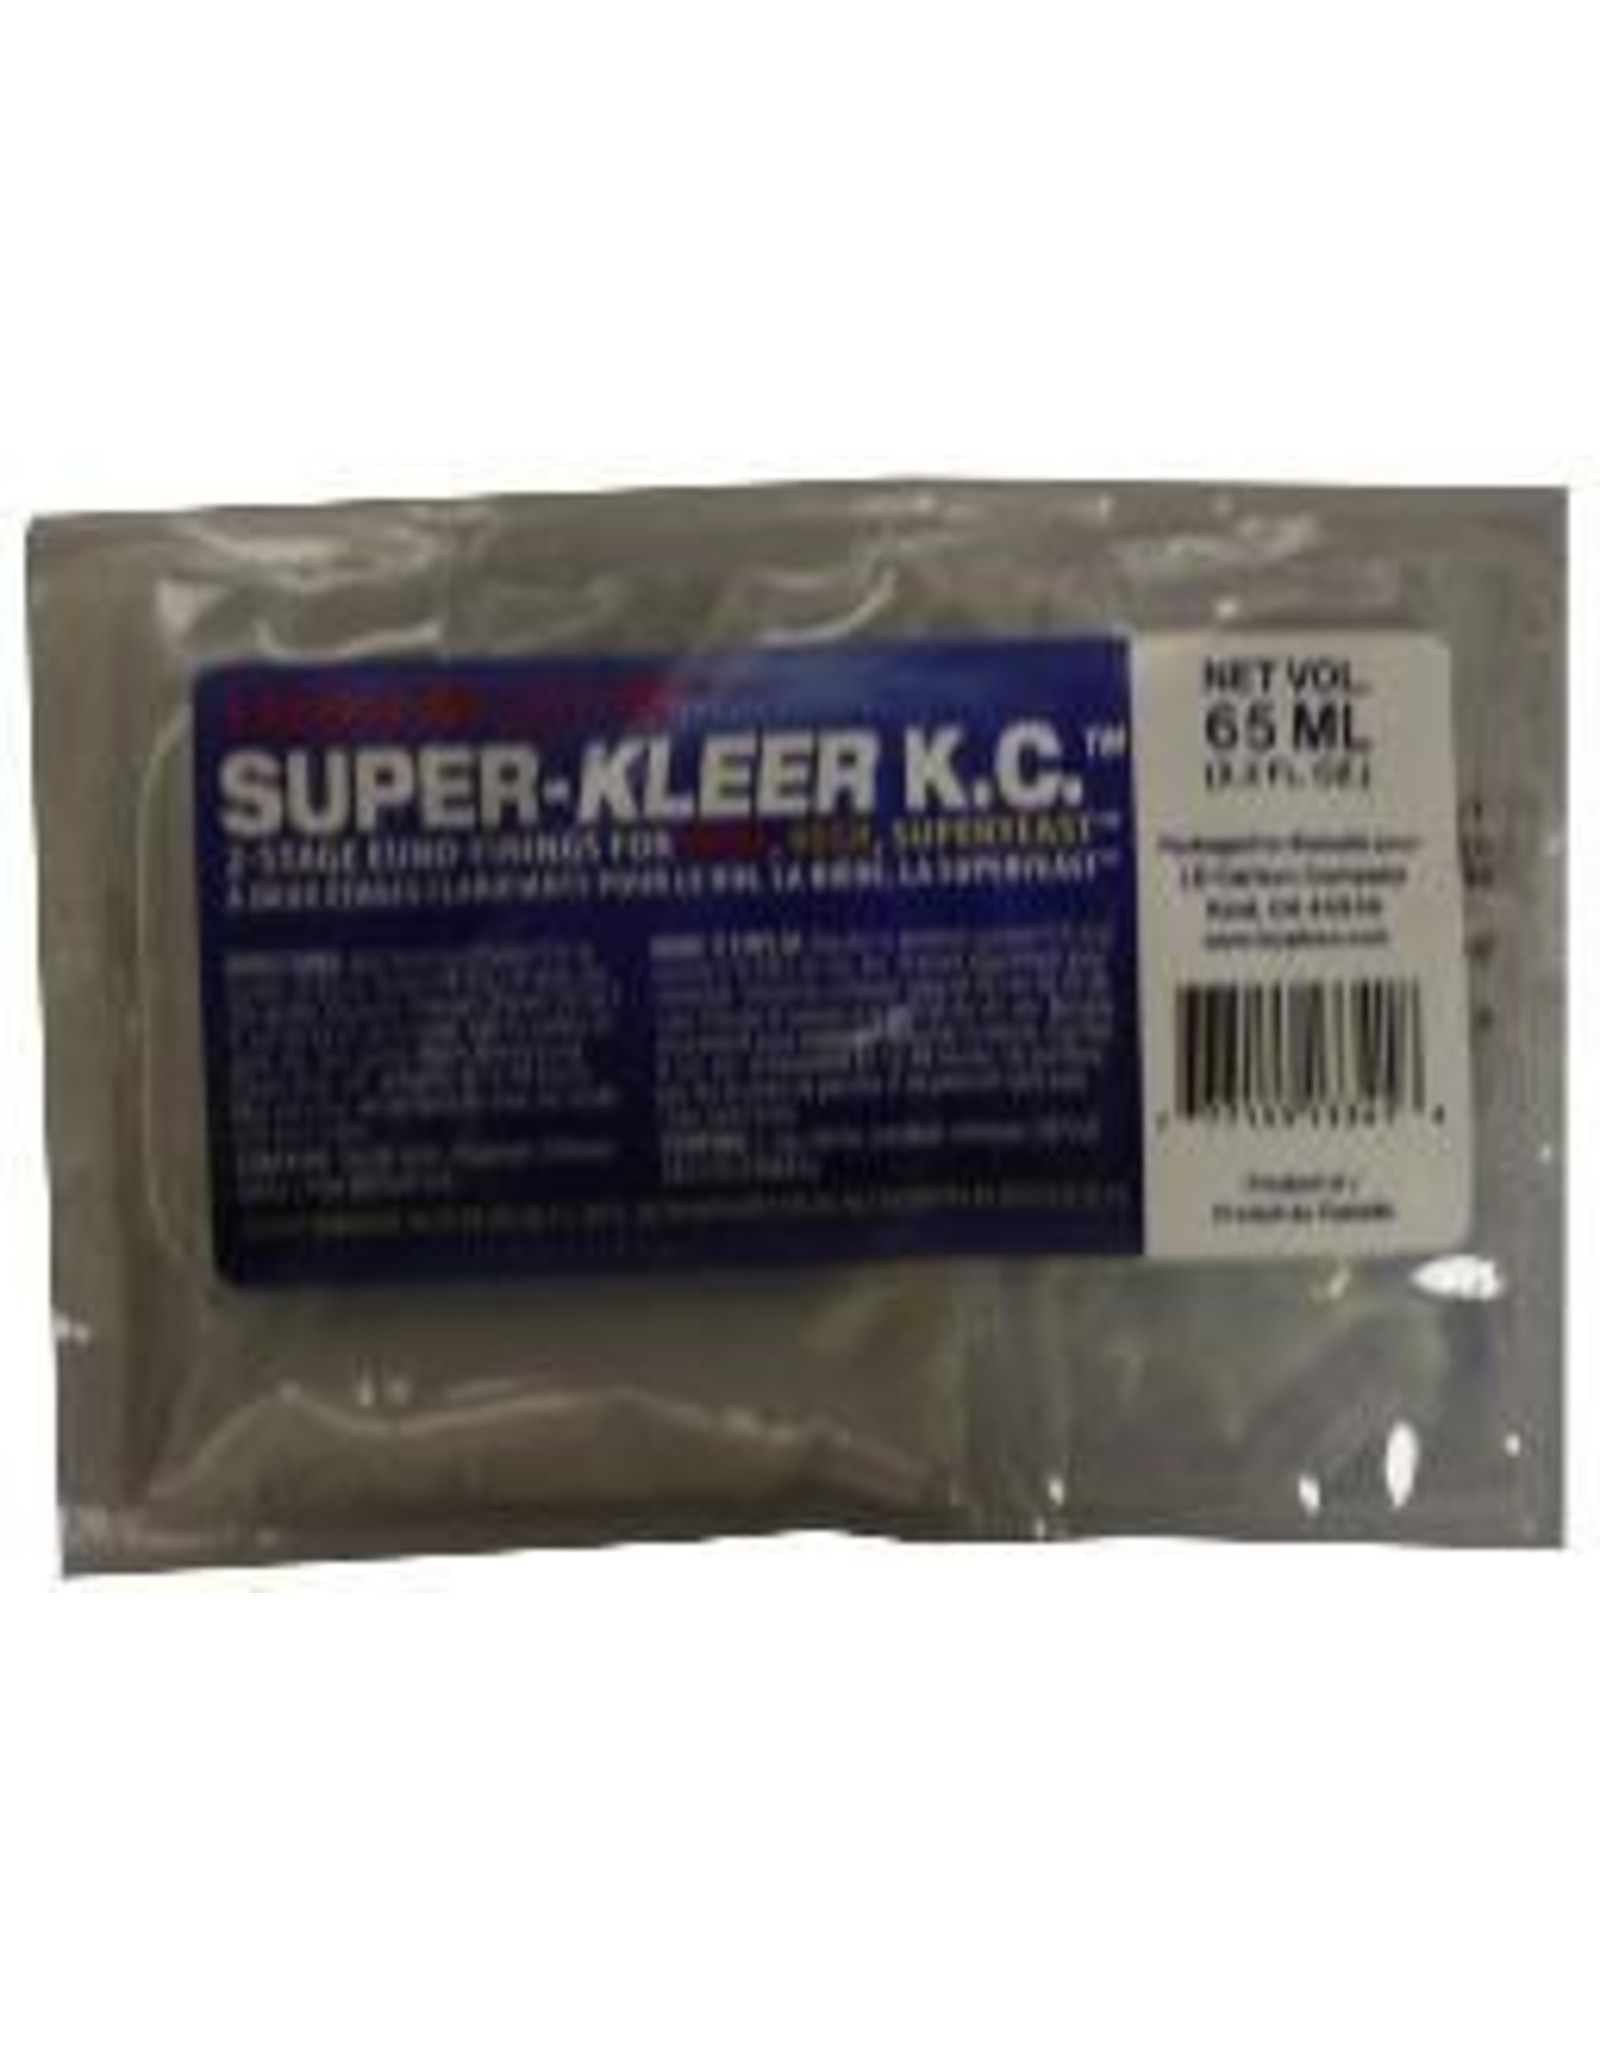 DualFine Super-Kleer K.C. Lq